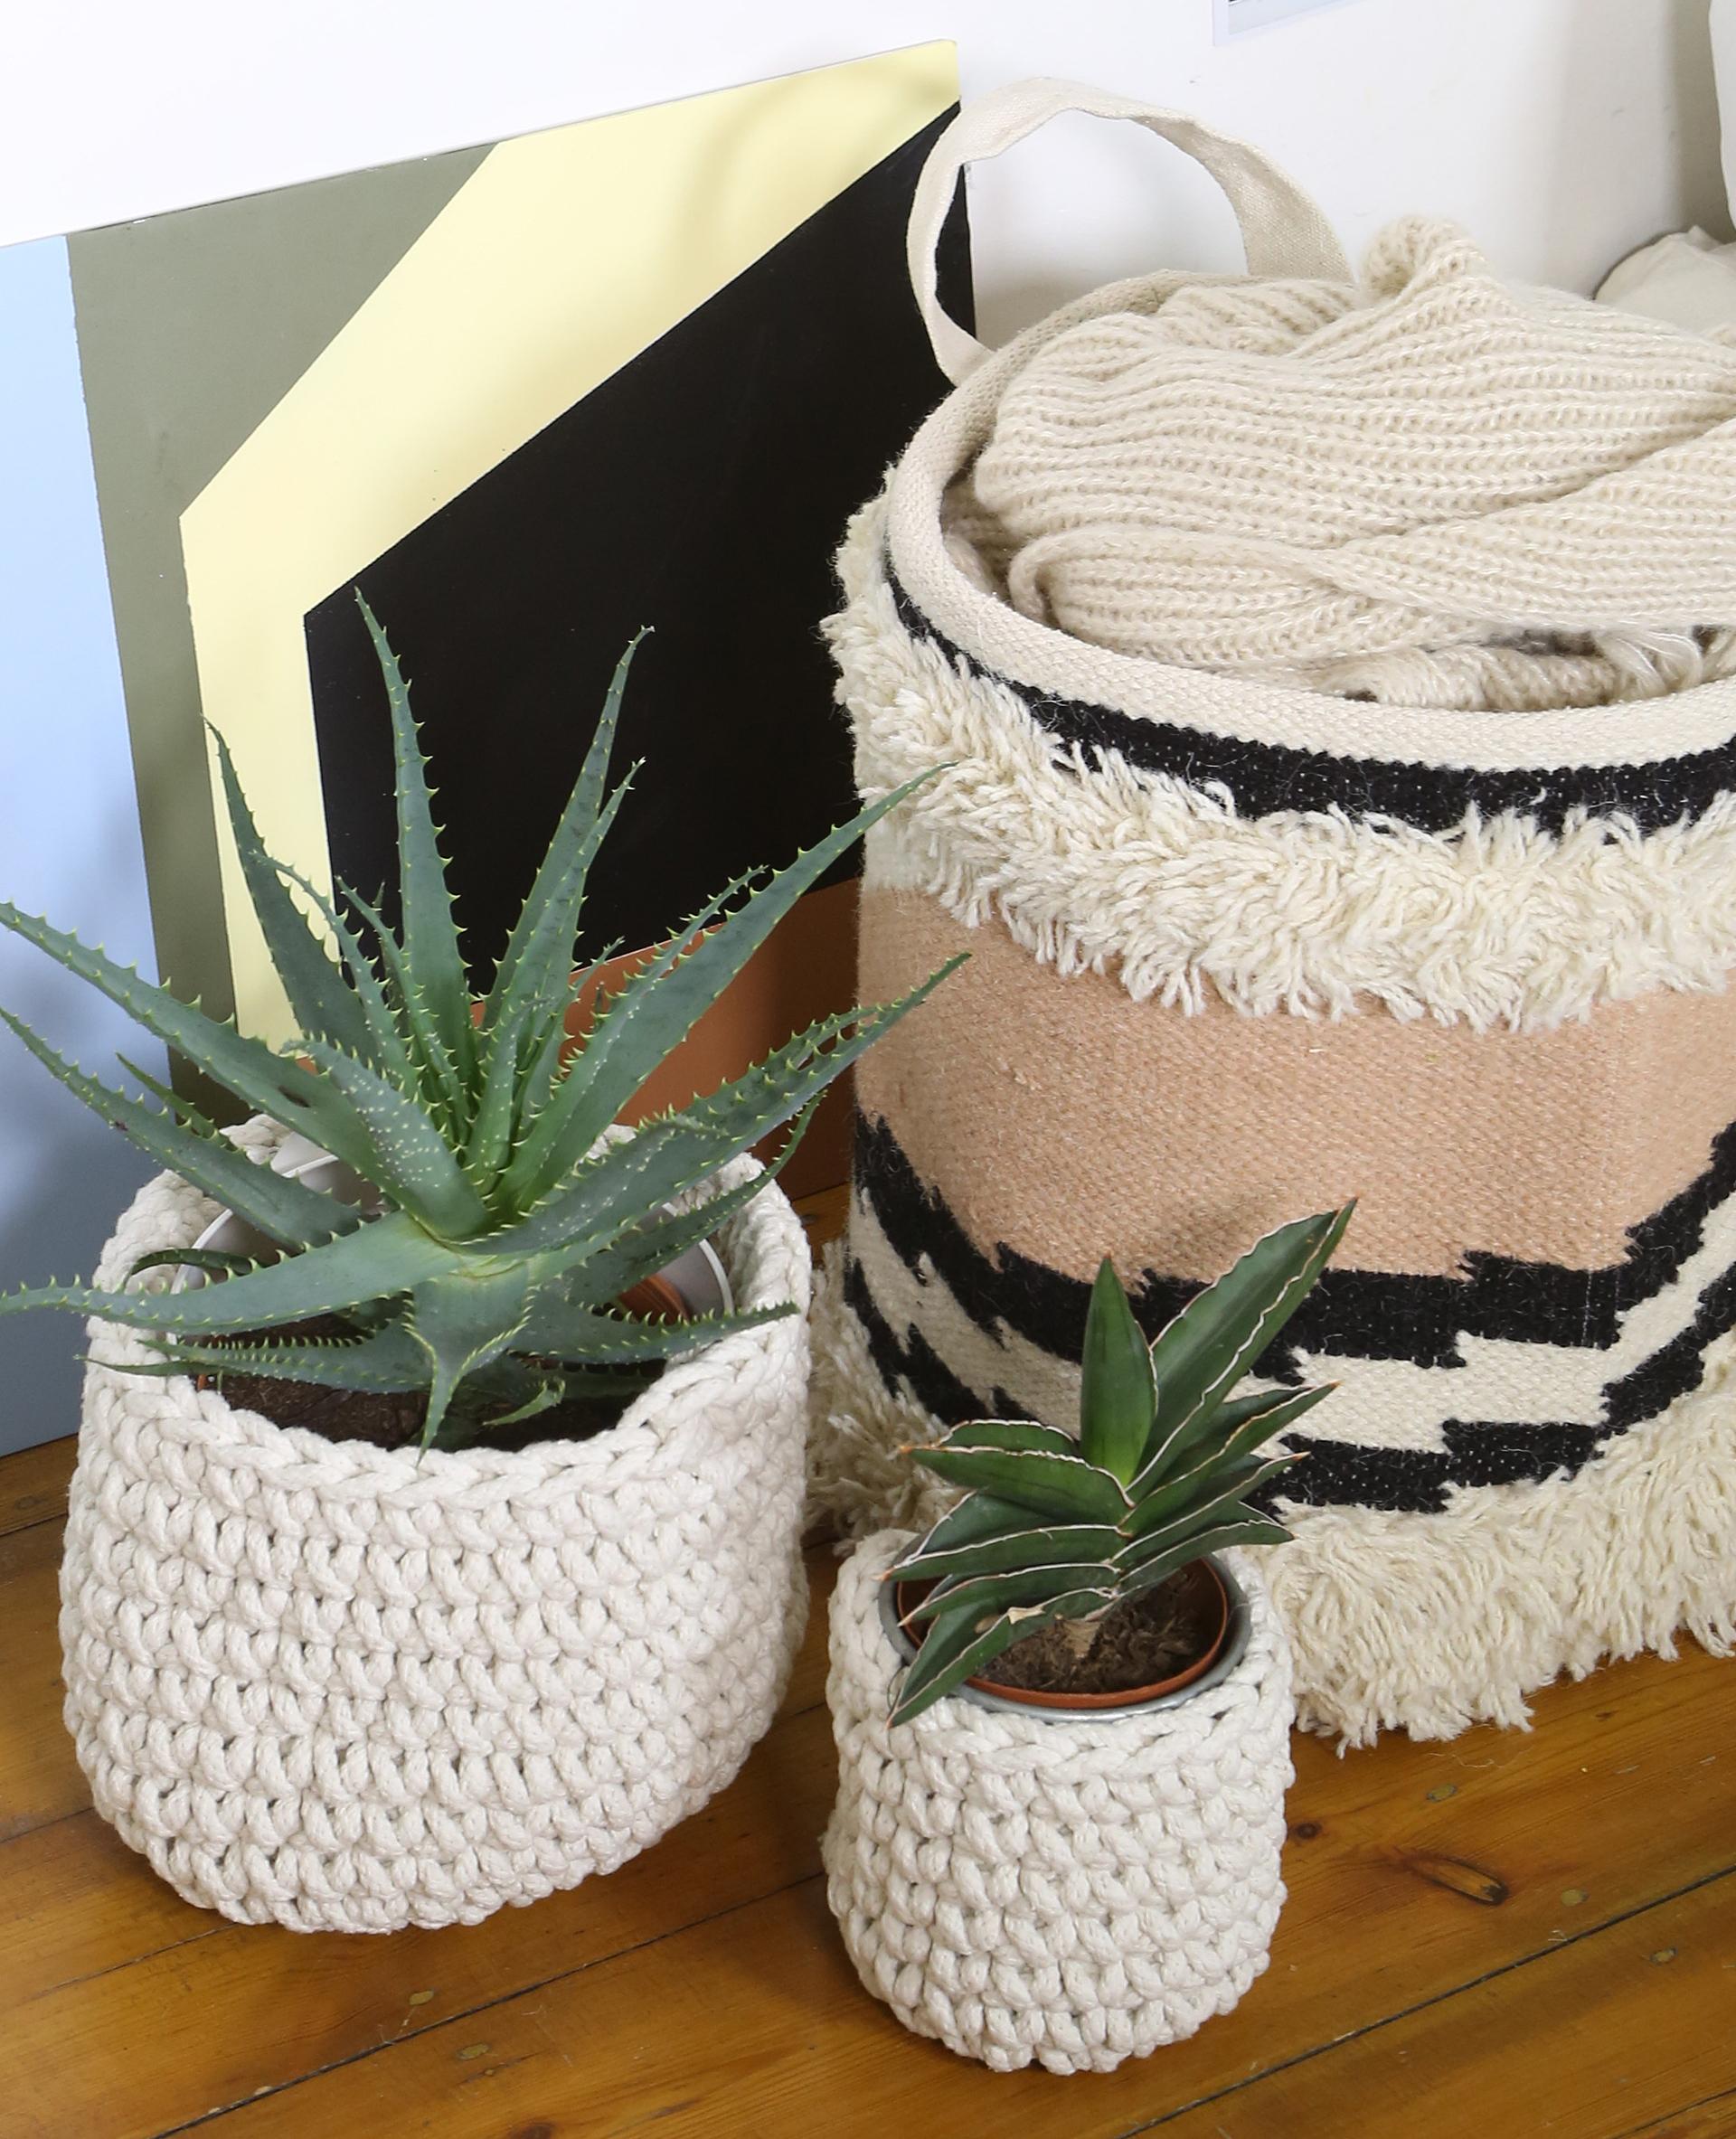 cache pot crochet grandmod le beige 955085765a0e pimkie. Black Bedroom Furniture Sets. Home Design Ideas